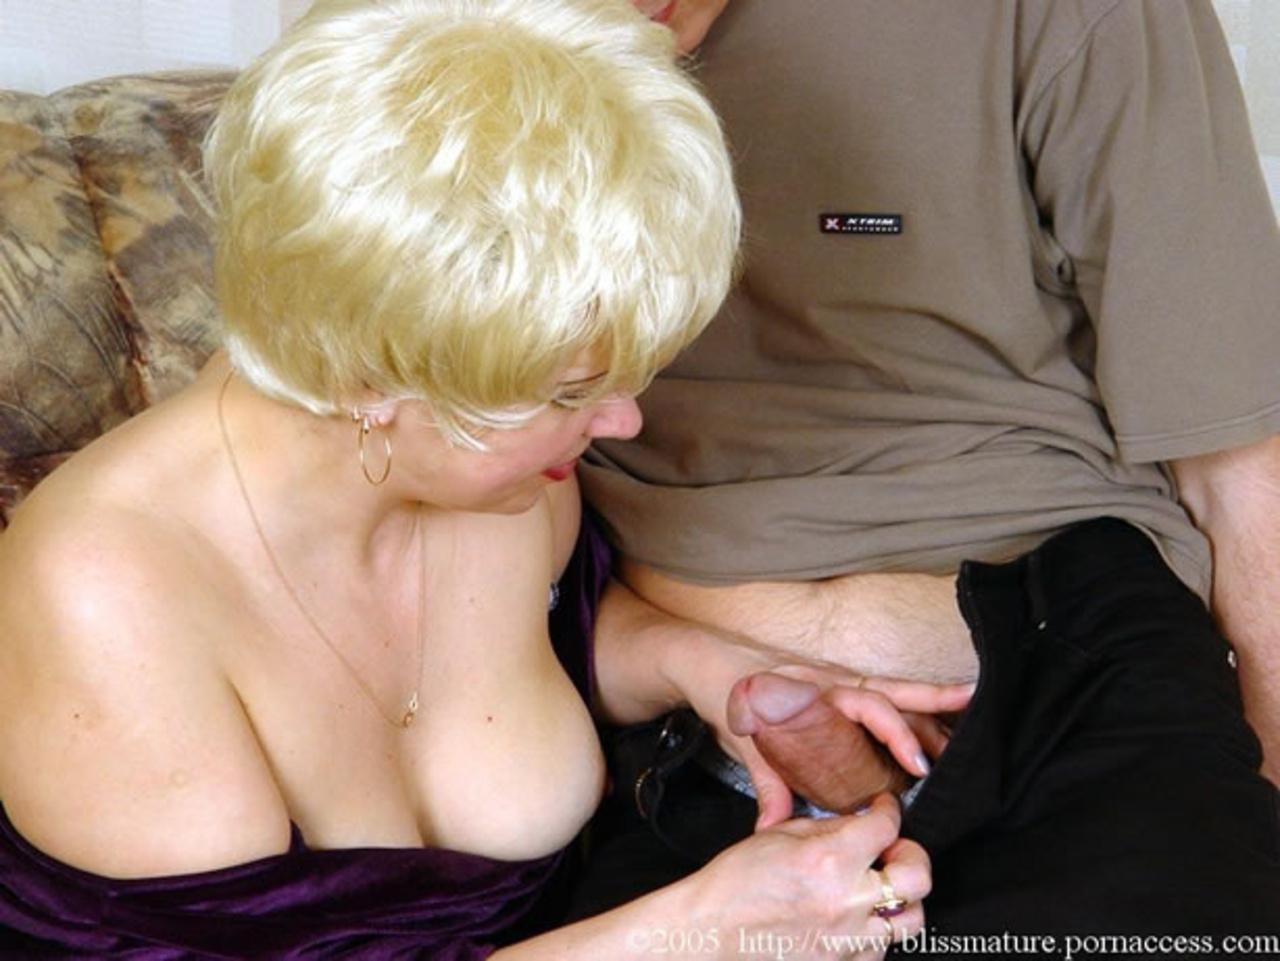 Тётка соблазнила пацана, Зрелая пышная тётка соблазнила молодого парня на 9 фотография